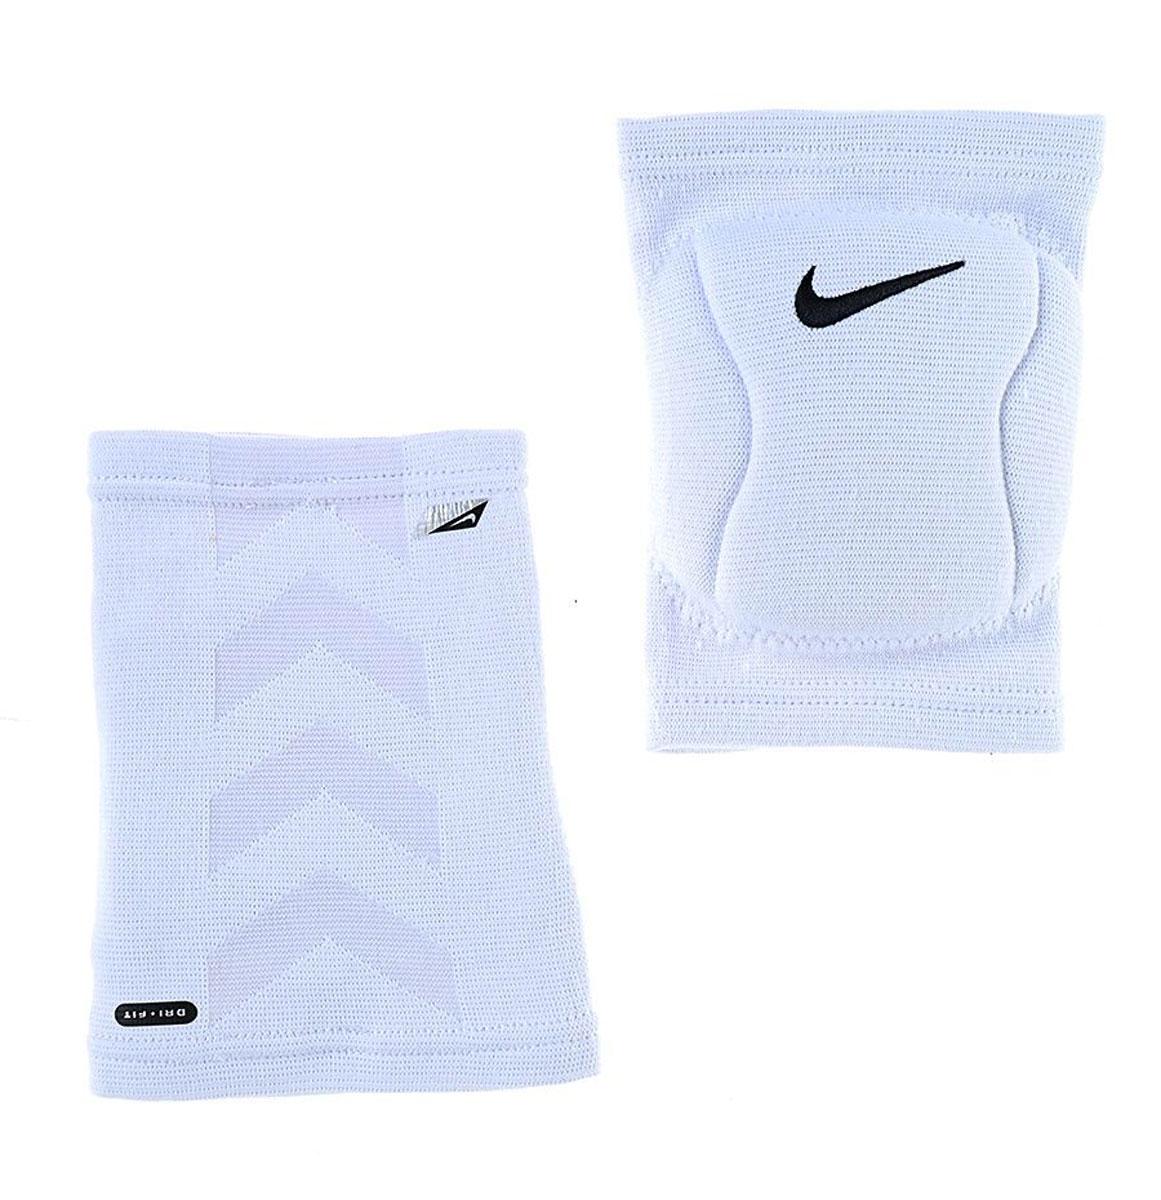 Наколенник Nike, цвет: белый. Размер L/XLAP02013Защитный наколенник для волейбола. В составе - вспененная резина, не натирают, комфортно сидят на ноге. С внутренней стороны - мягкая подкладка. Не стесняет движения. Очень легкие и плотно обтягивают ногу.